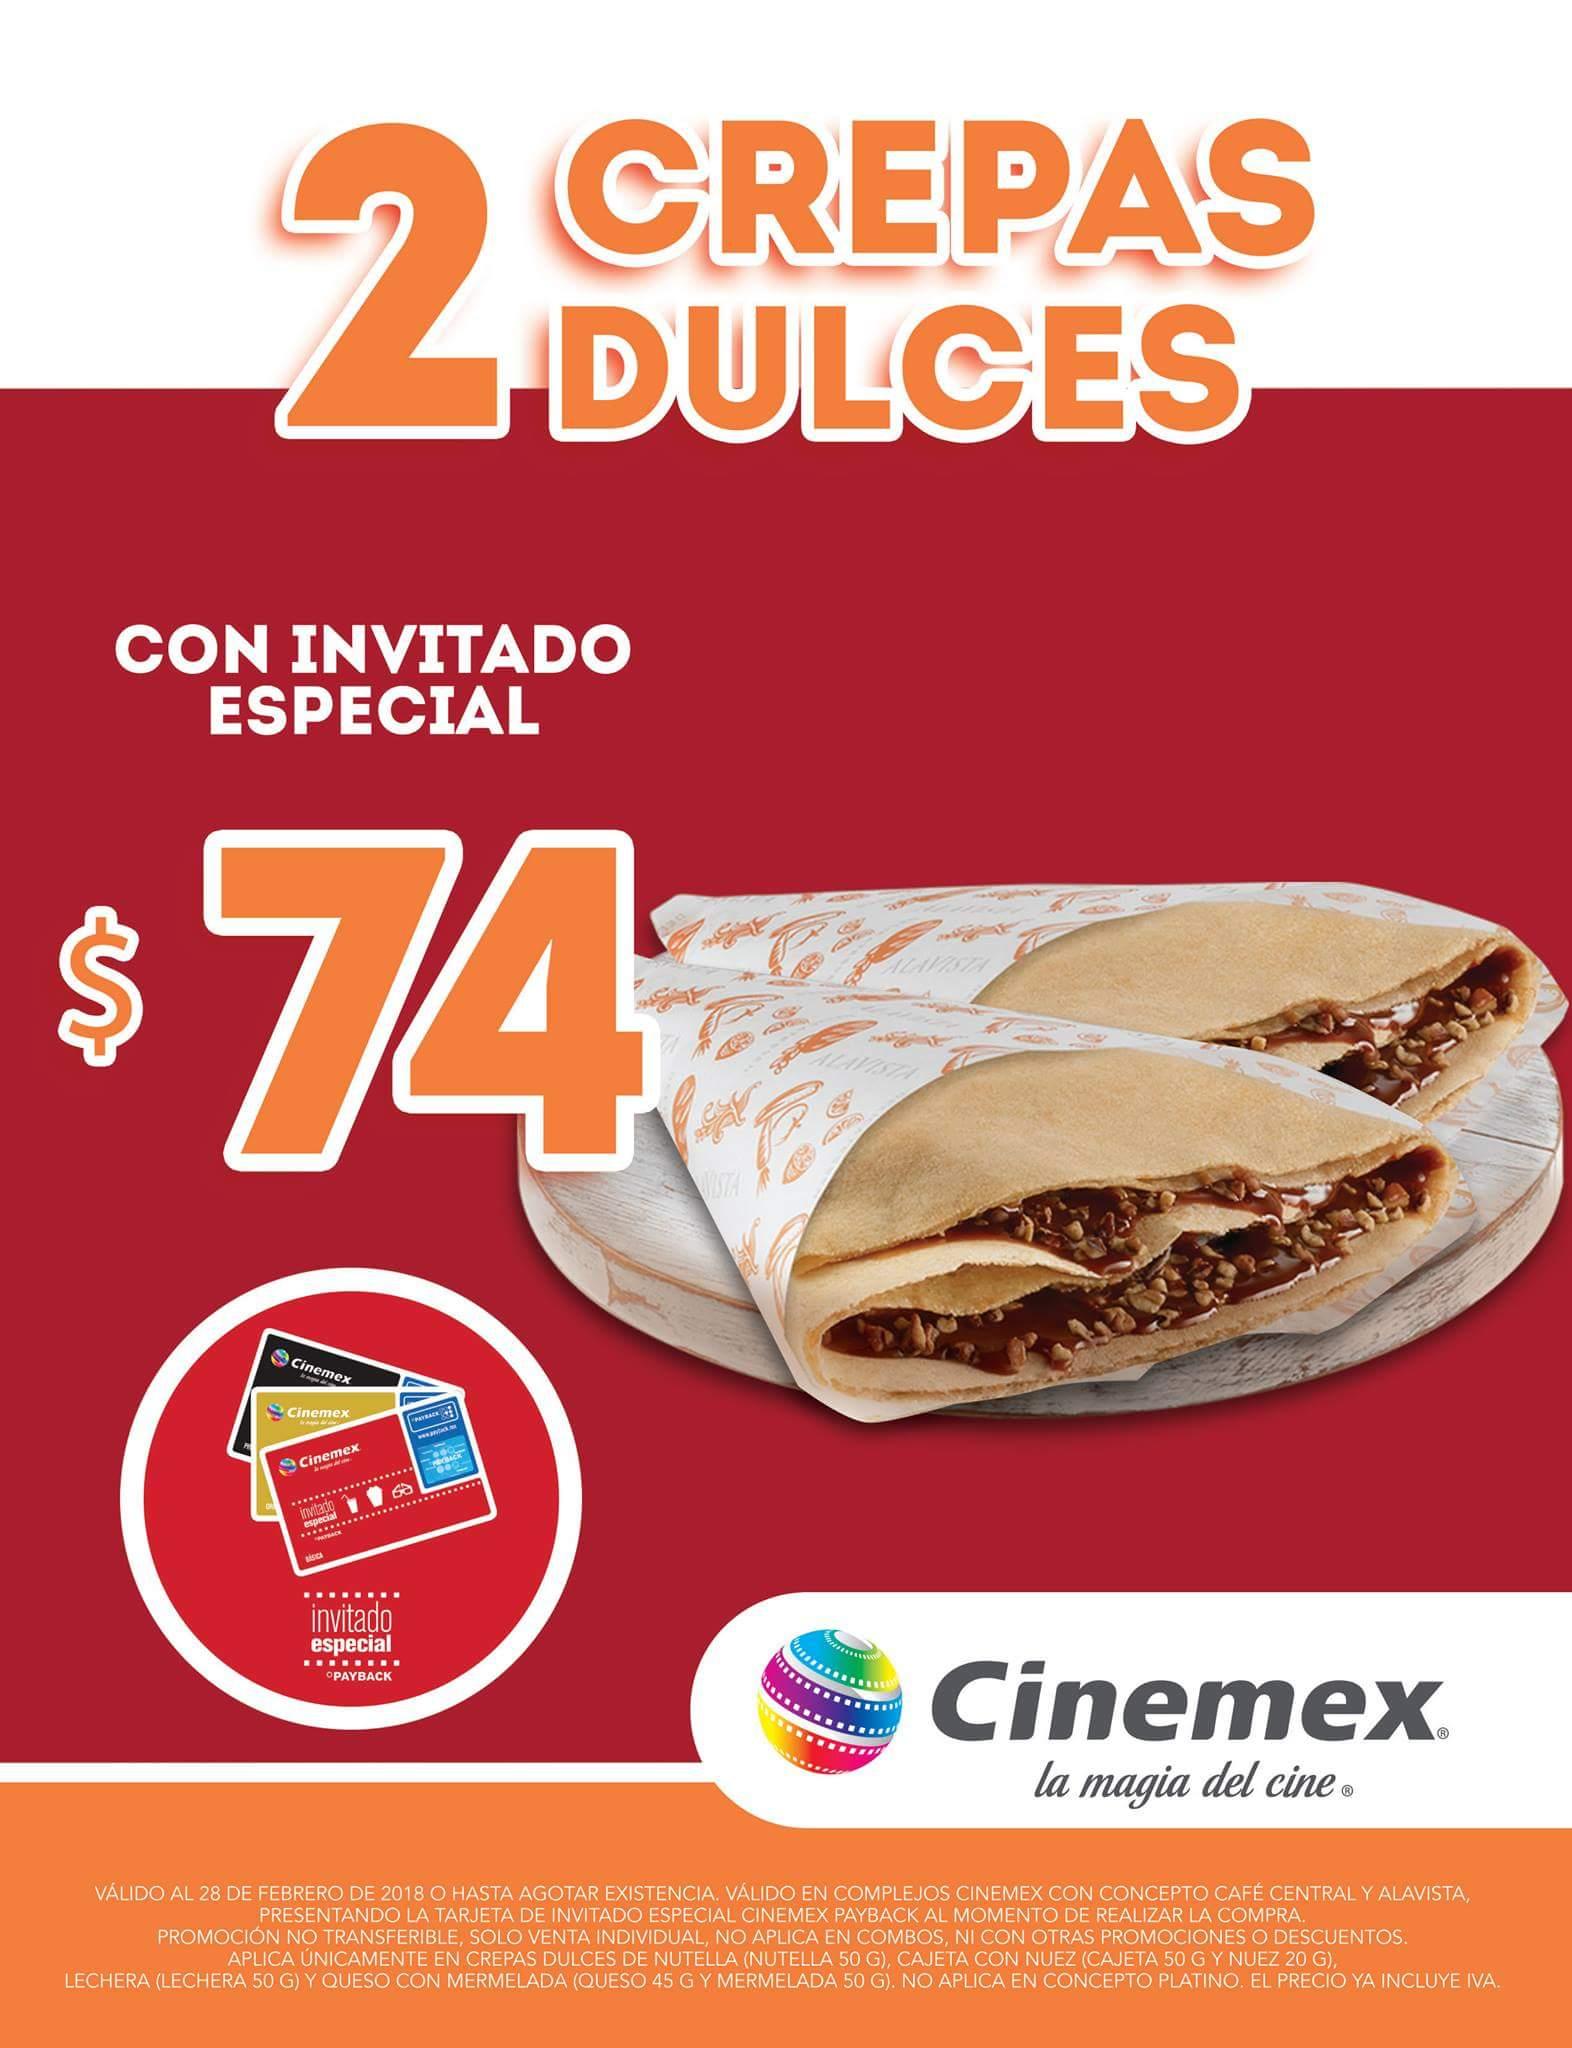 Cinemex: 2 crepas dulces por 74 con invitado especial